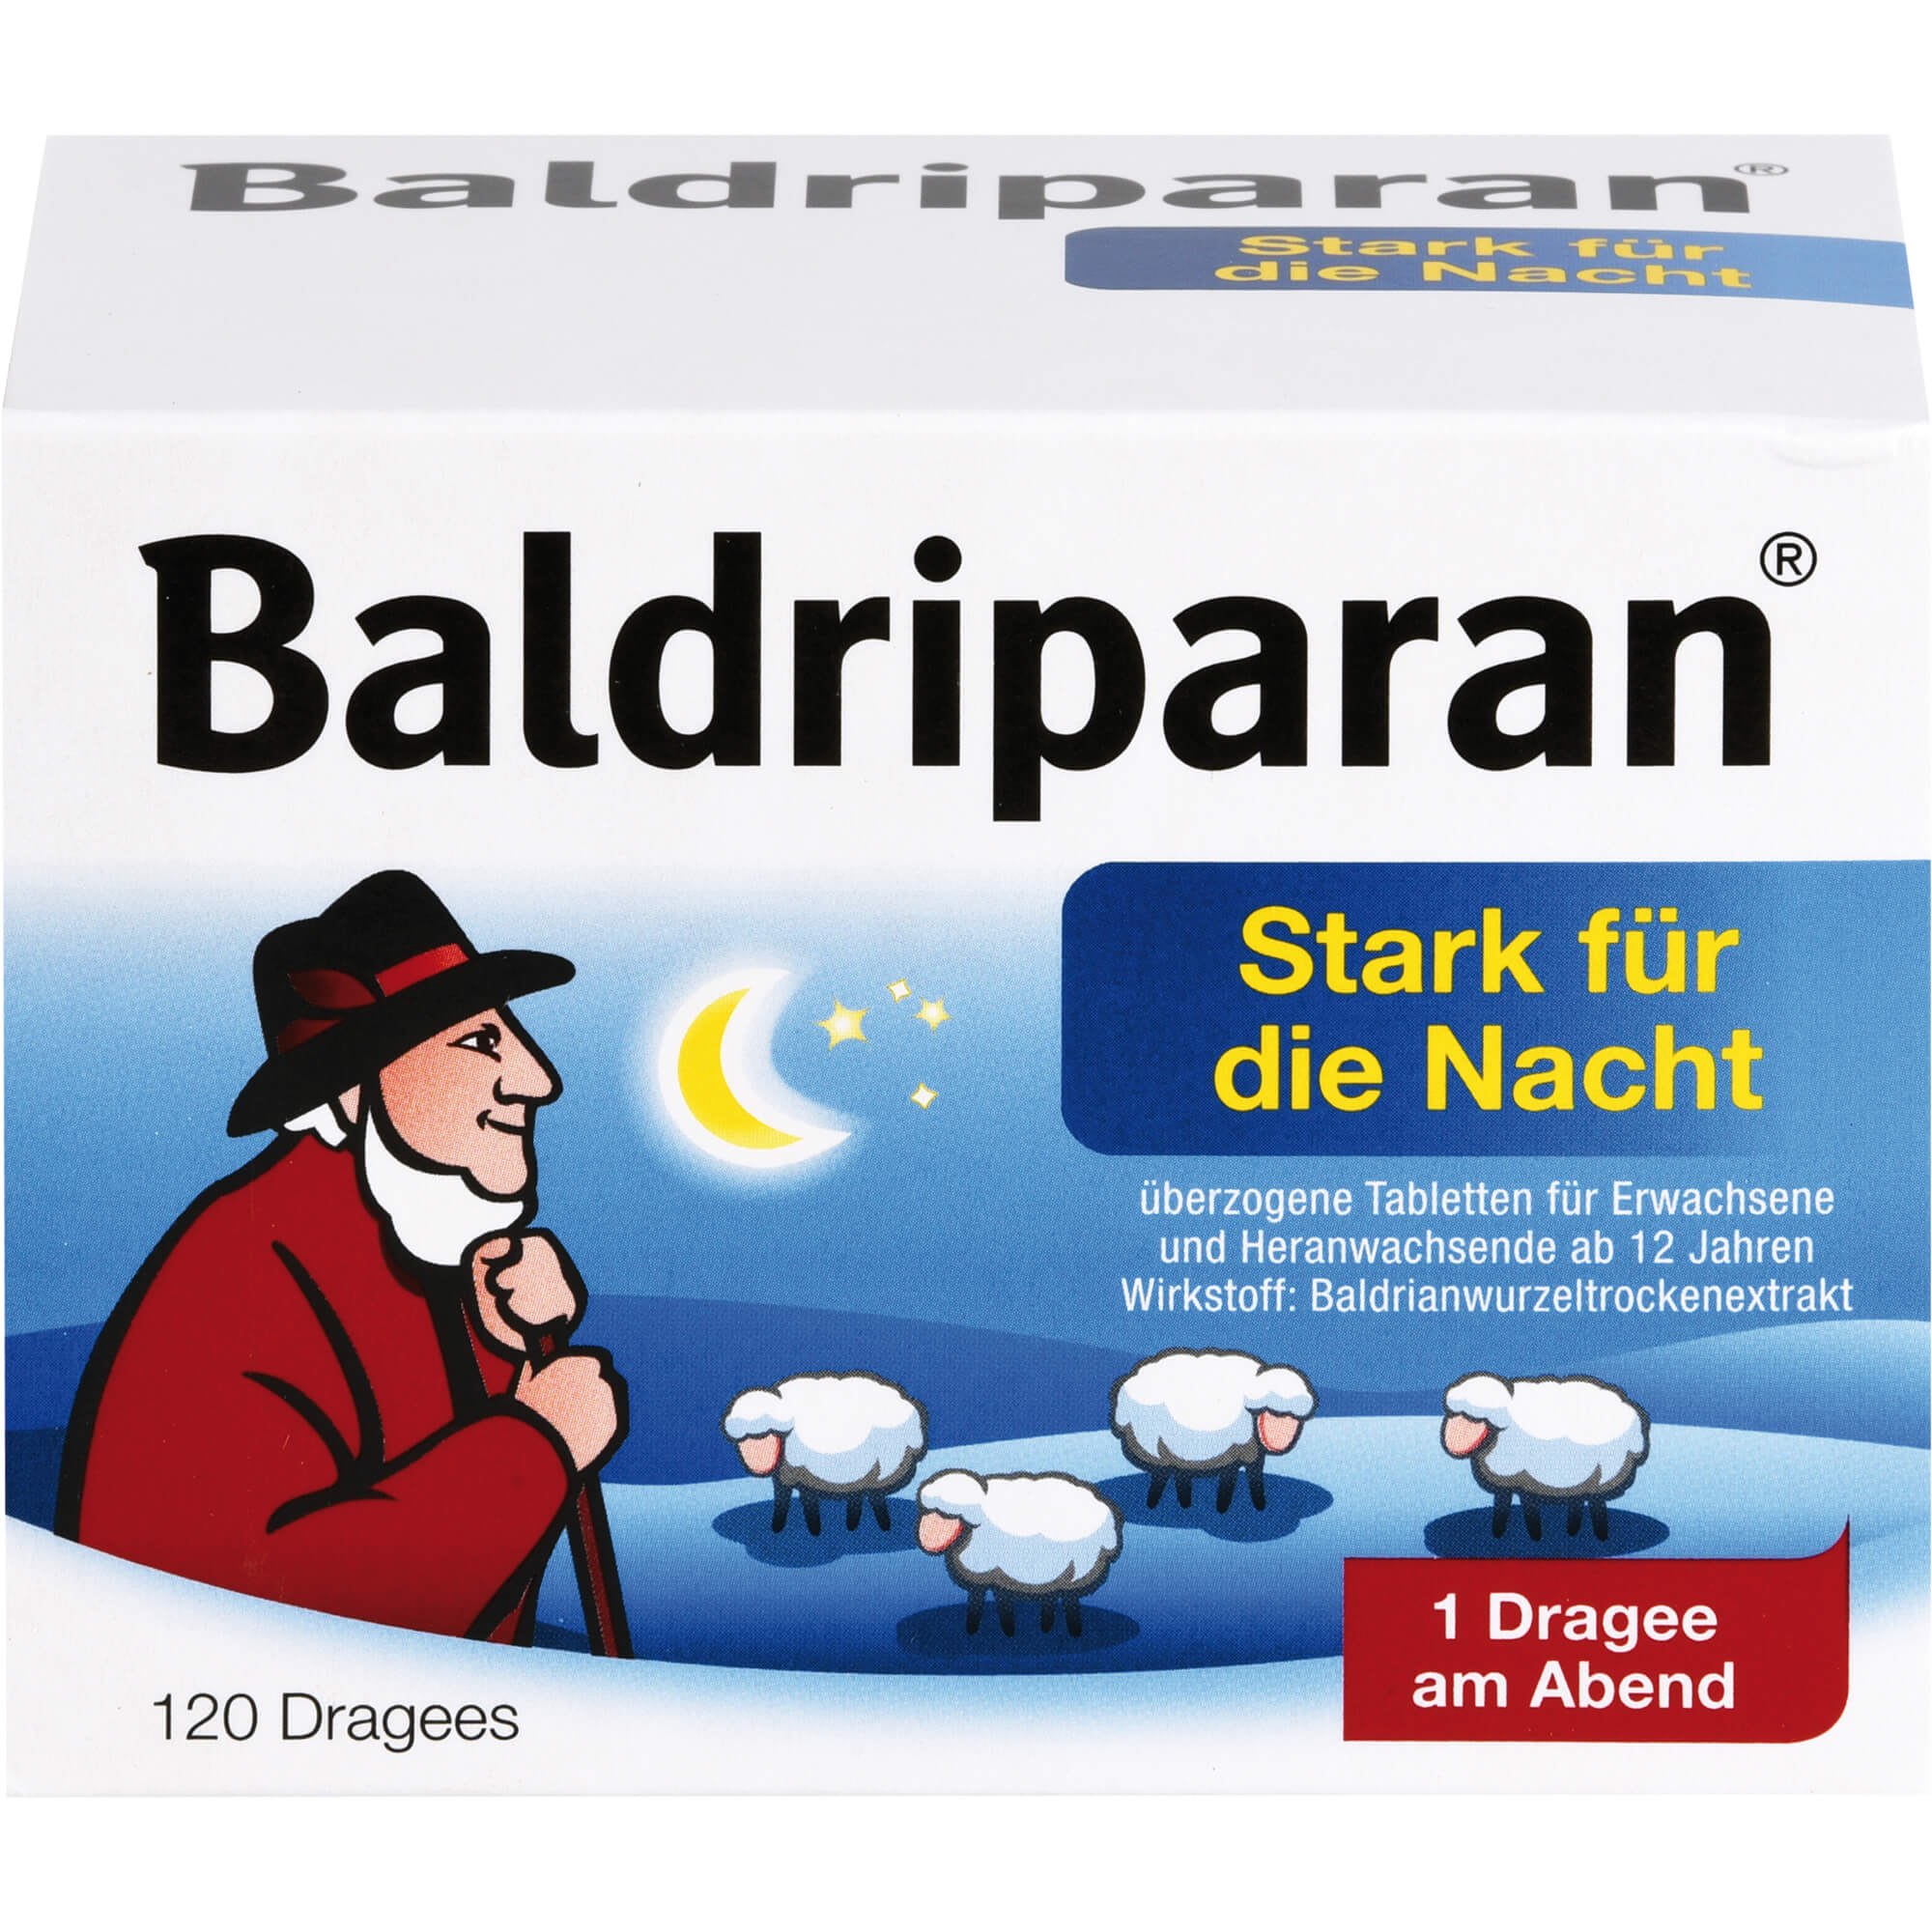 BALDRIPARAN-Stark-fuer-die-Nacht-ueberzogene-Tab